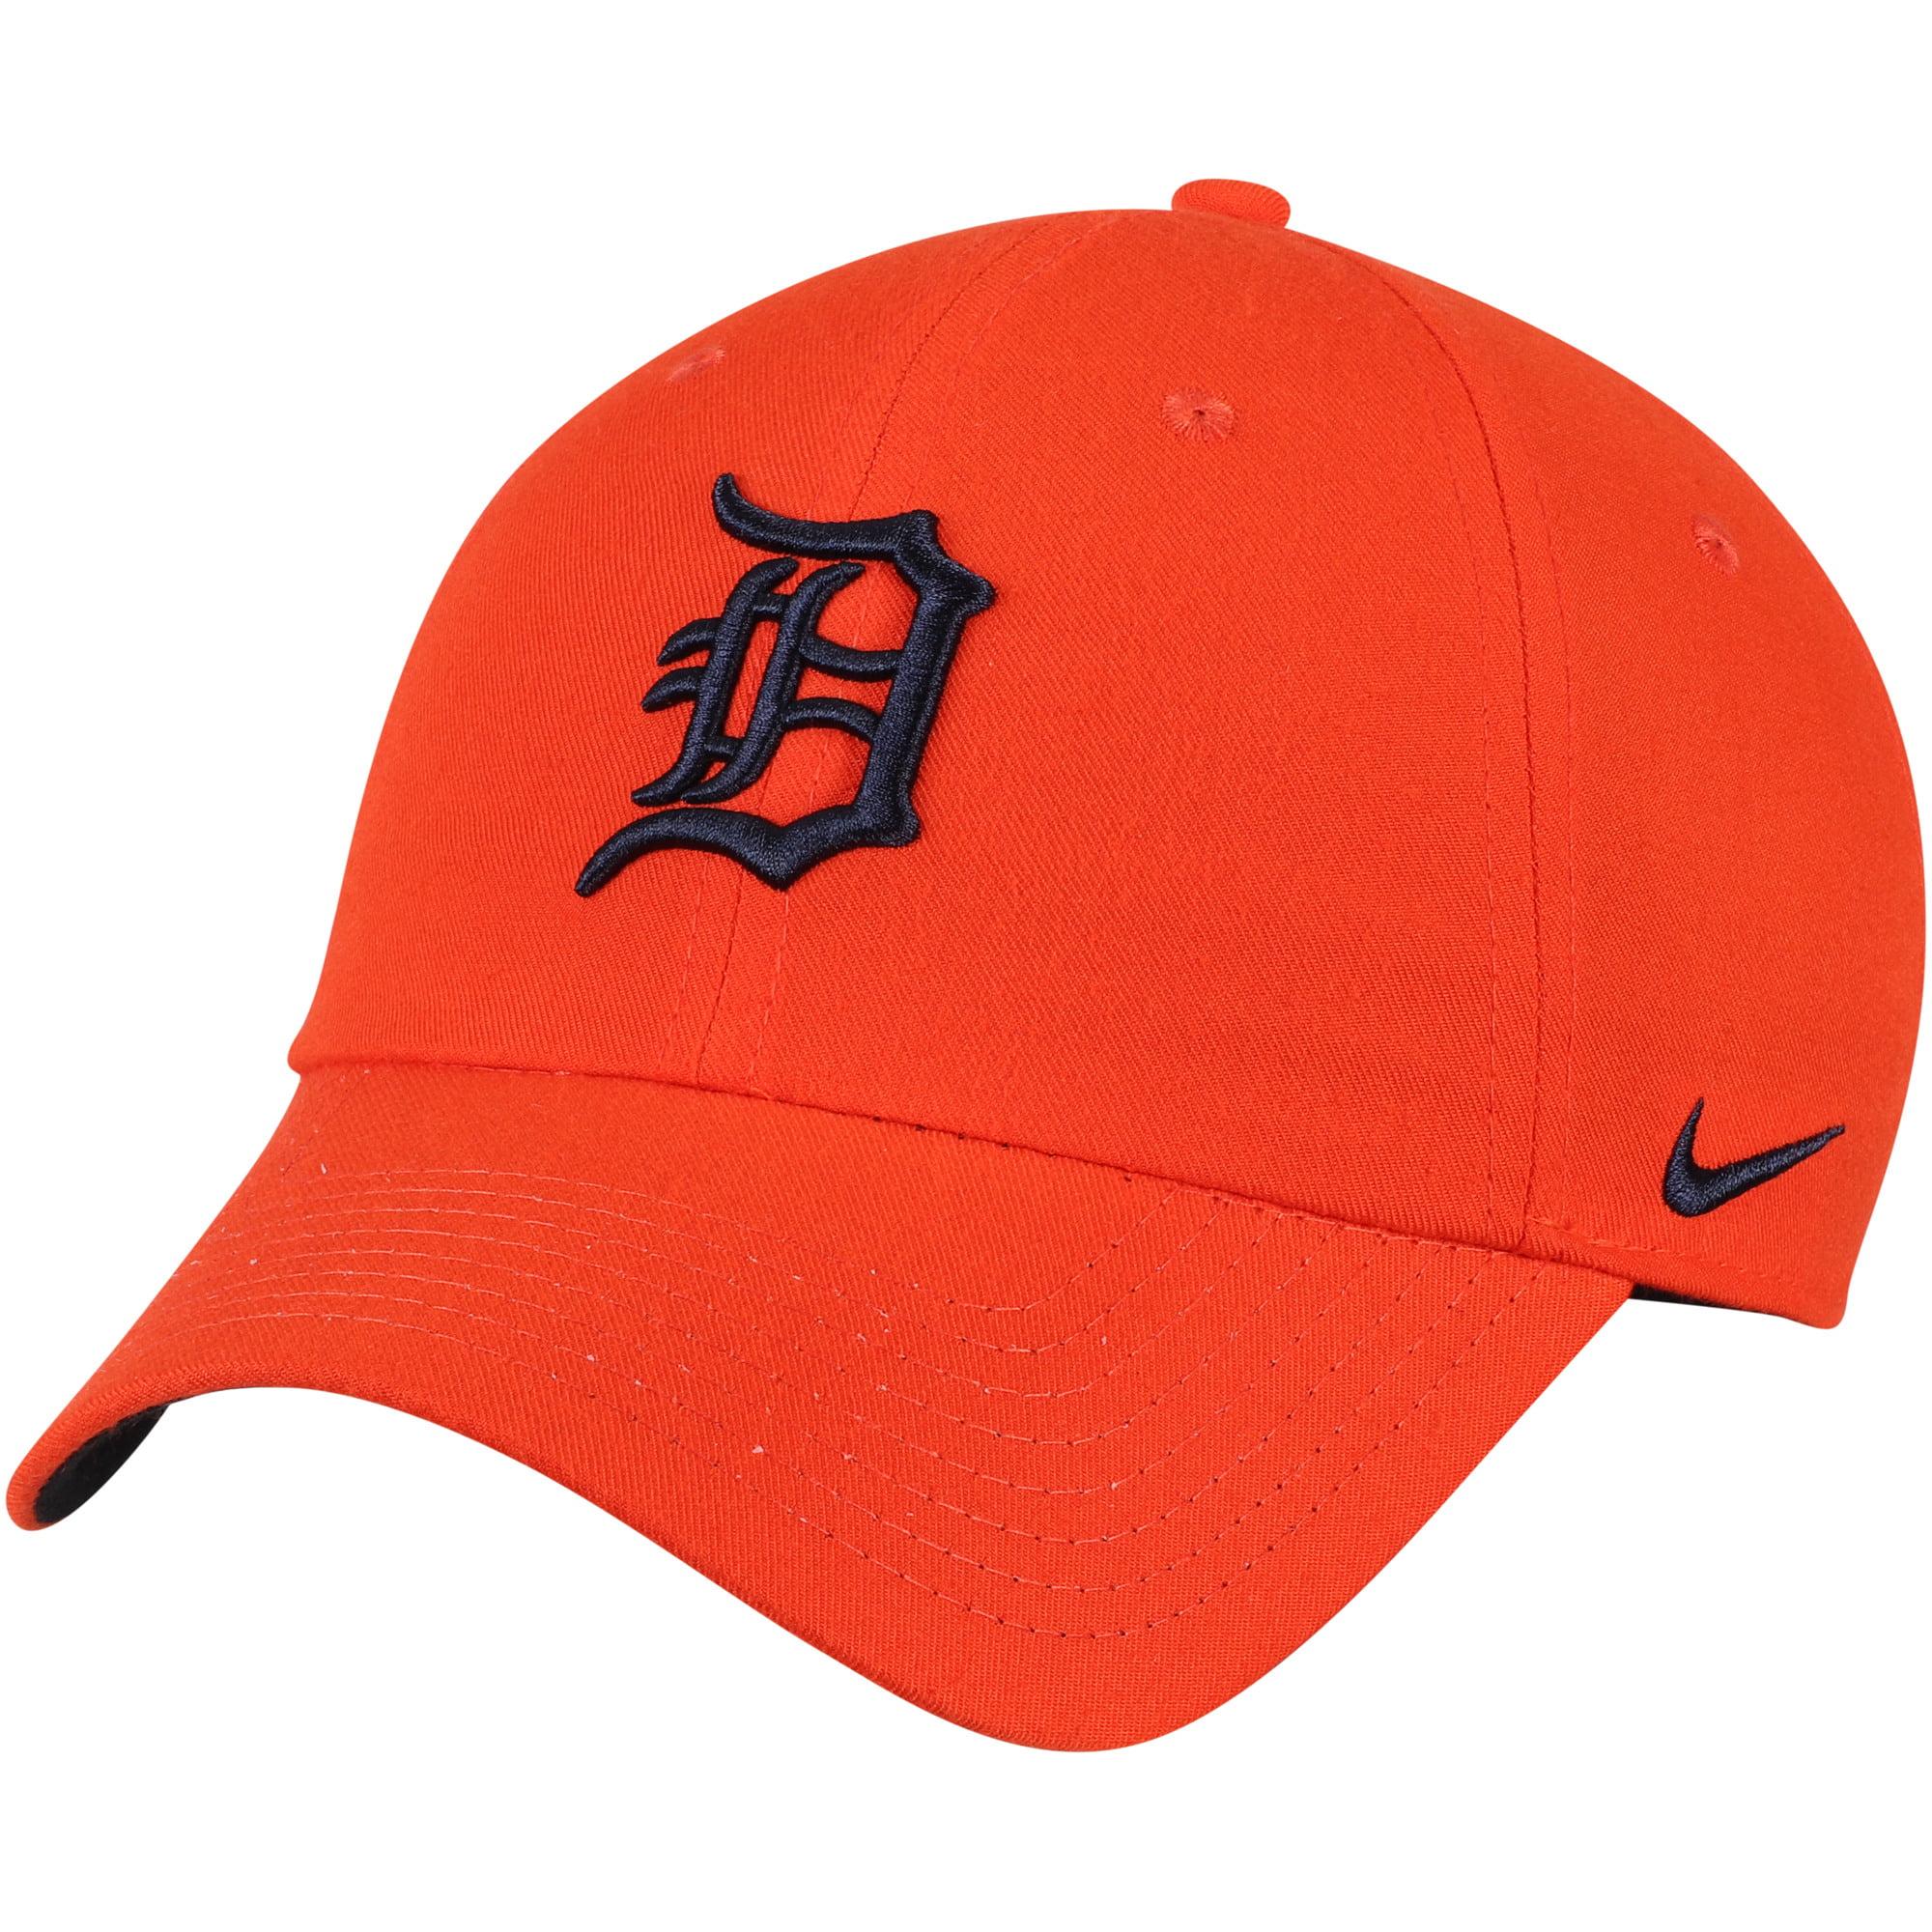 Detroit Tigers Nike Heritage 86 Stadium Performance Adjustable Hat - Orange - OSFA